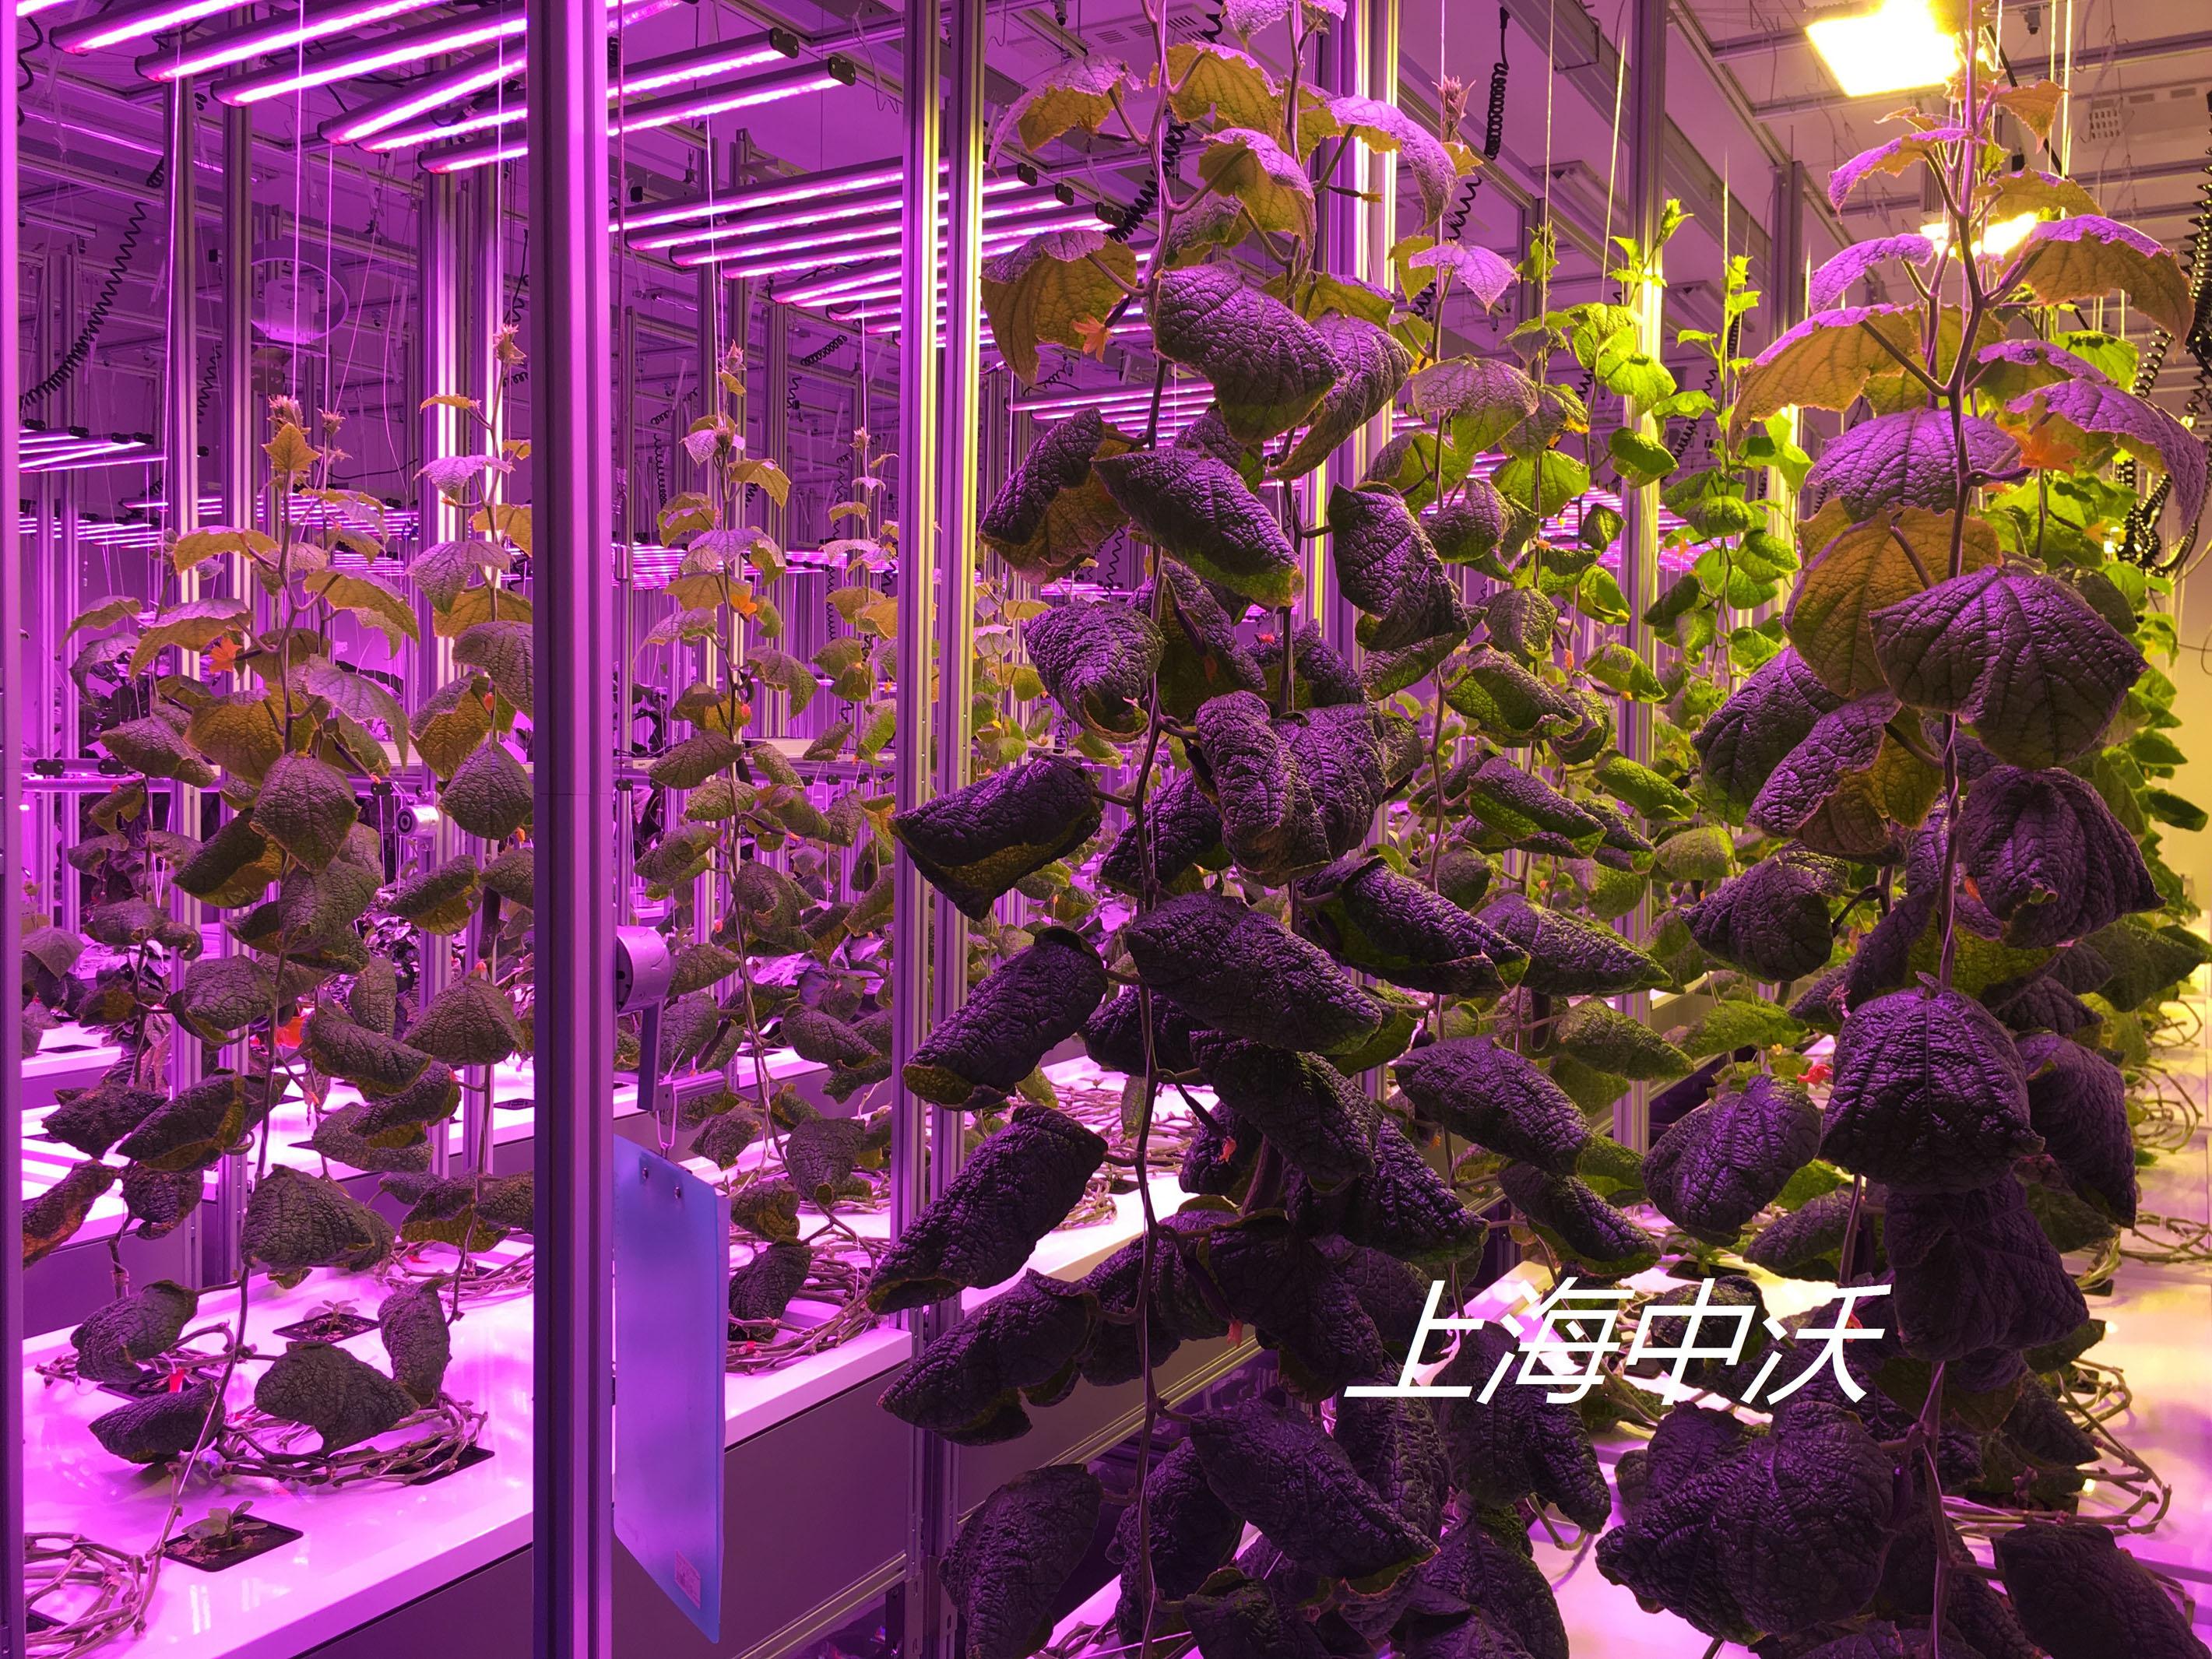 全自动雾培植物生长系统